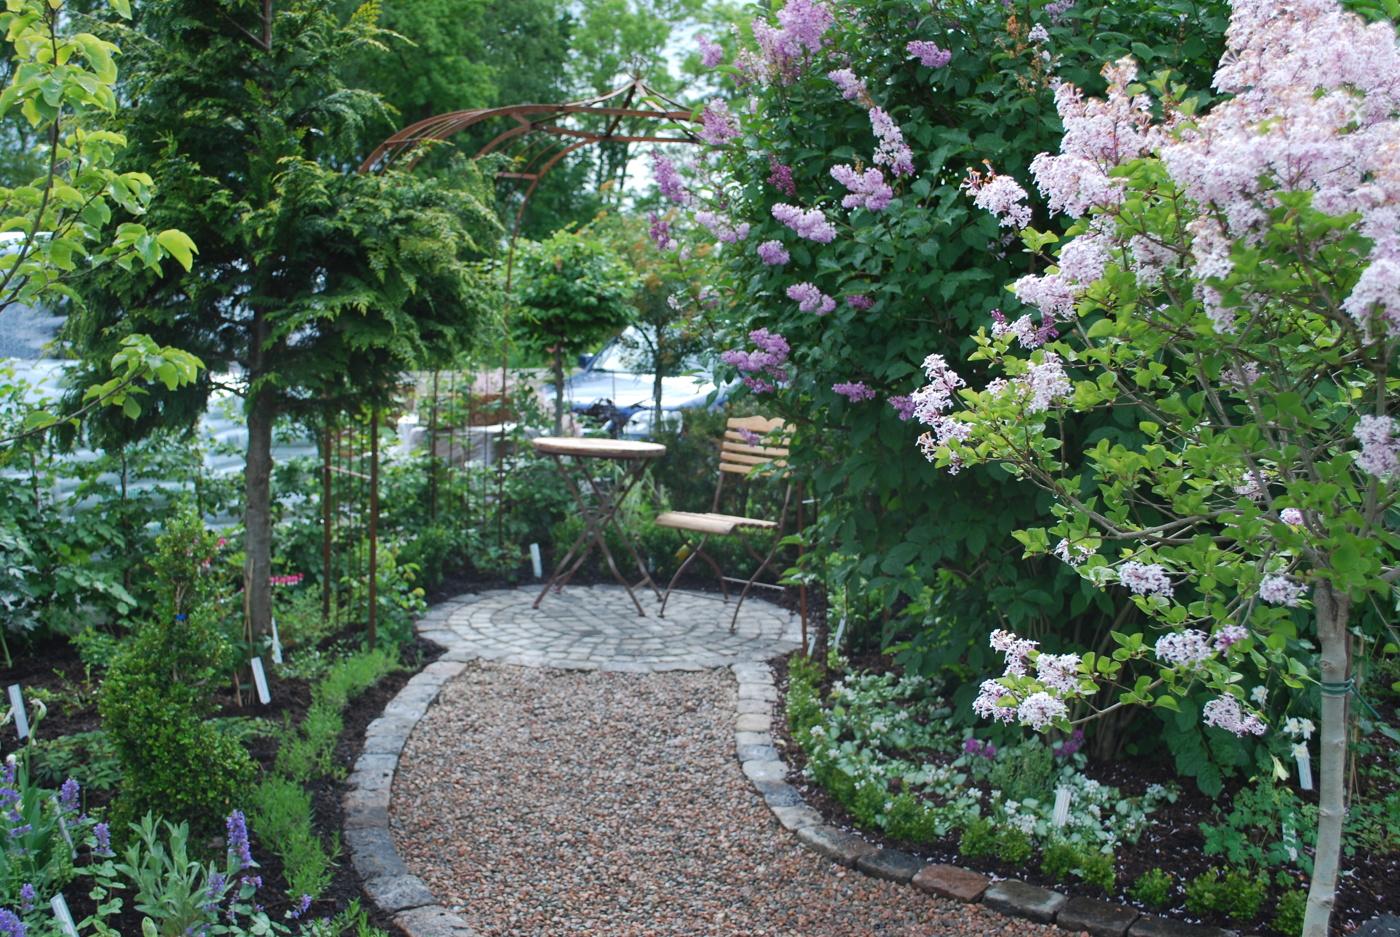 Visningsträdgård varberg utflykt & trädgårdsinspiration